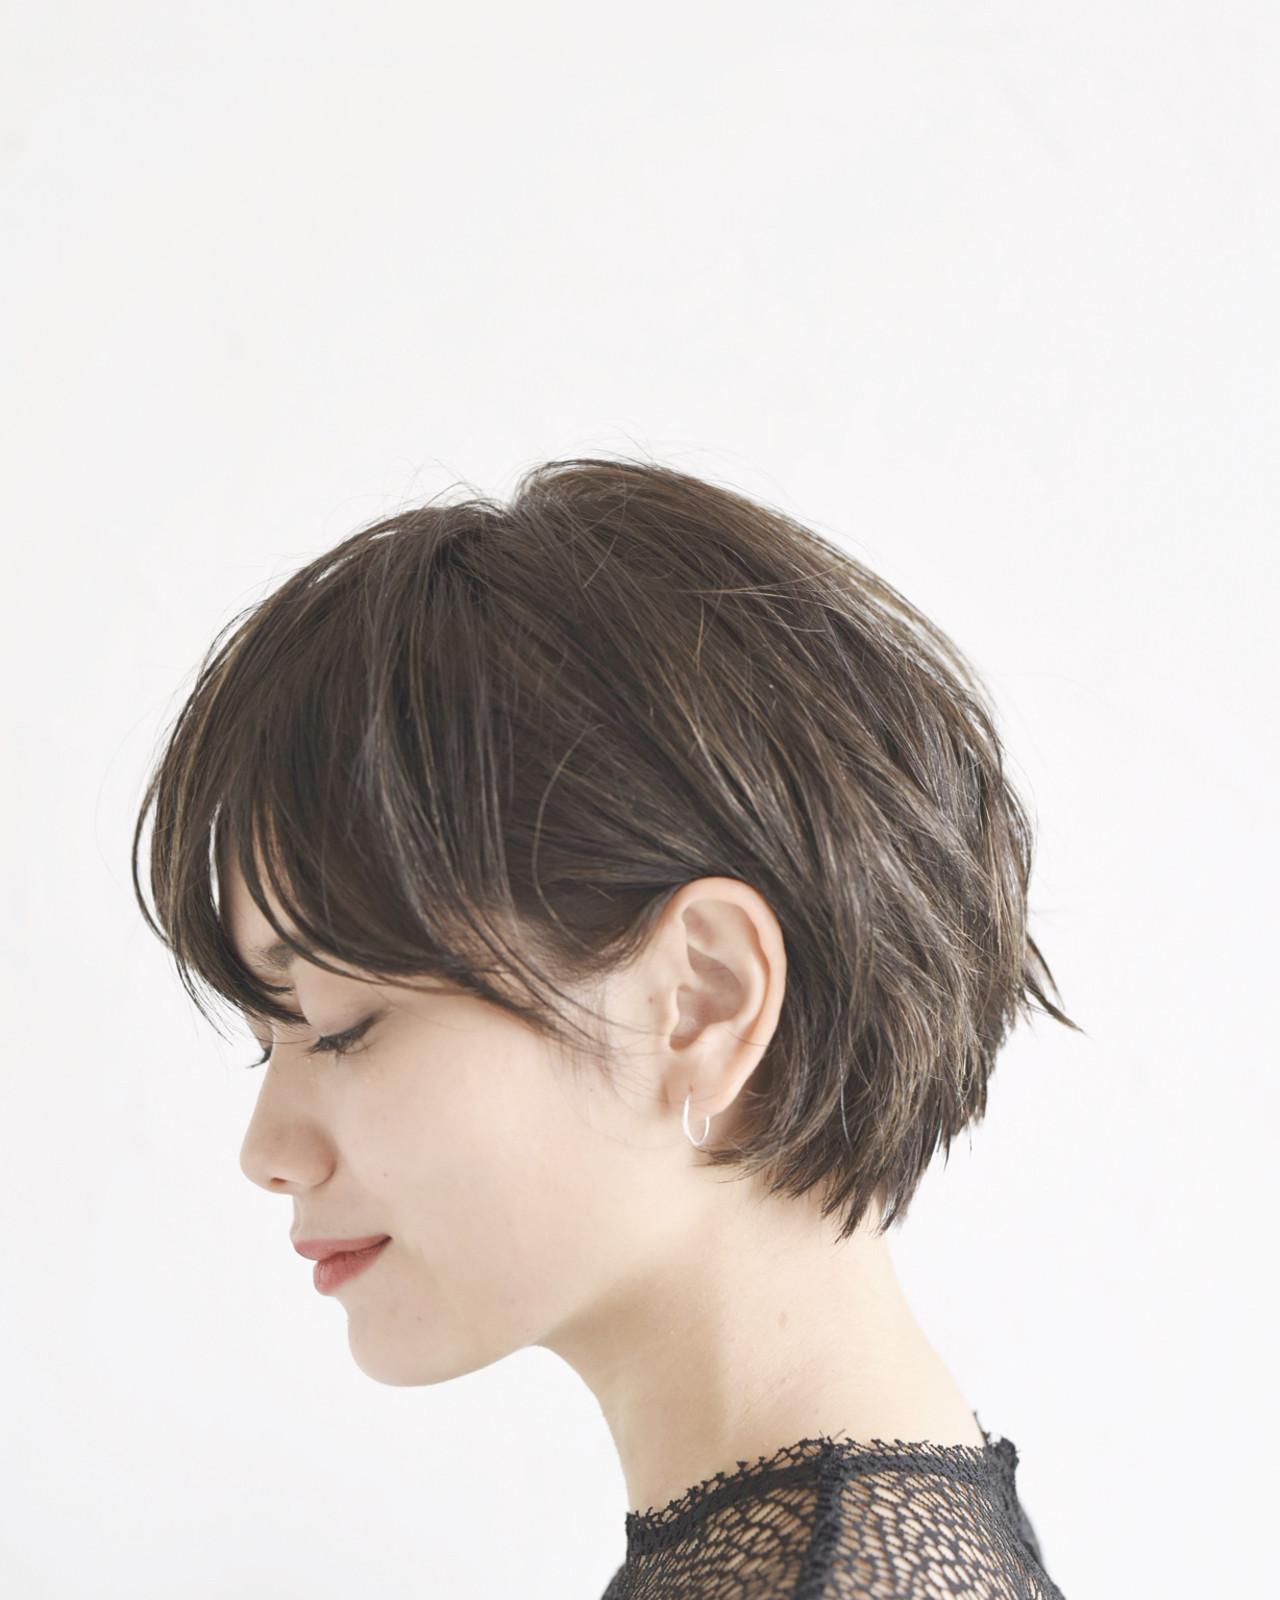 ショート 黒髪 アウトドア モード ヘアスタイルや髪型の写真・画像   ショートヘア美容師 #ナカイヒロキ / 『send by HAIR』